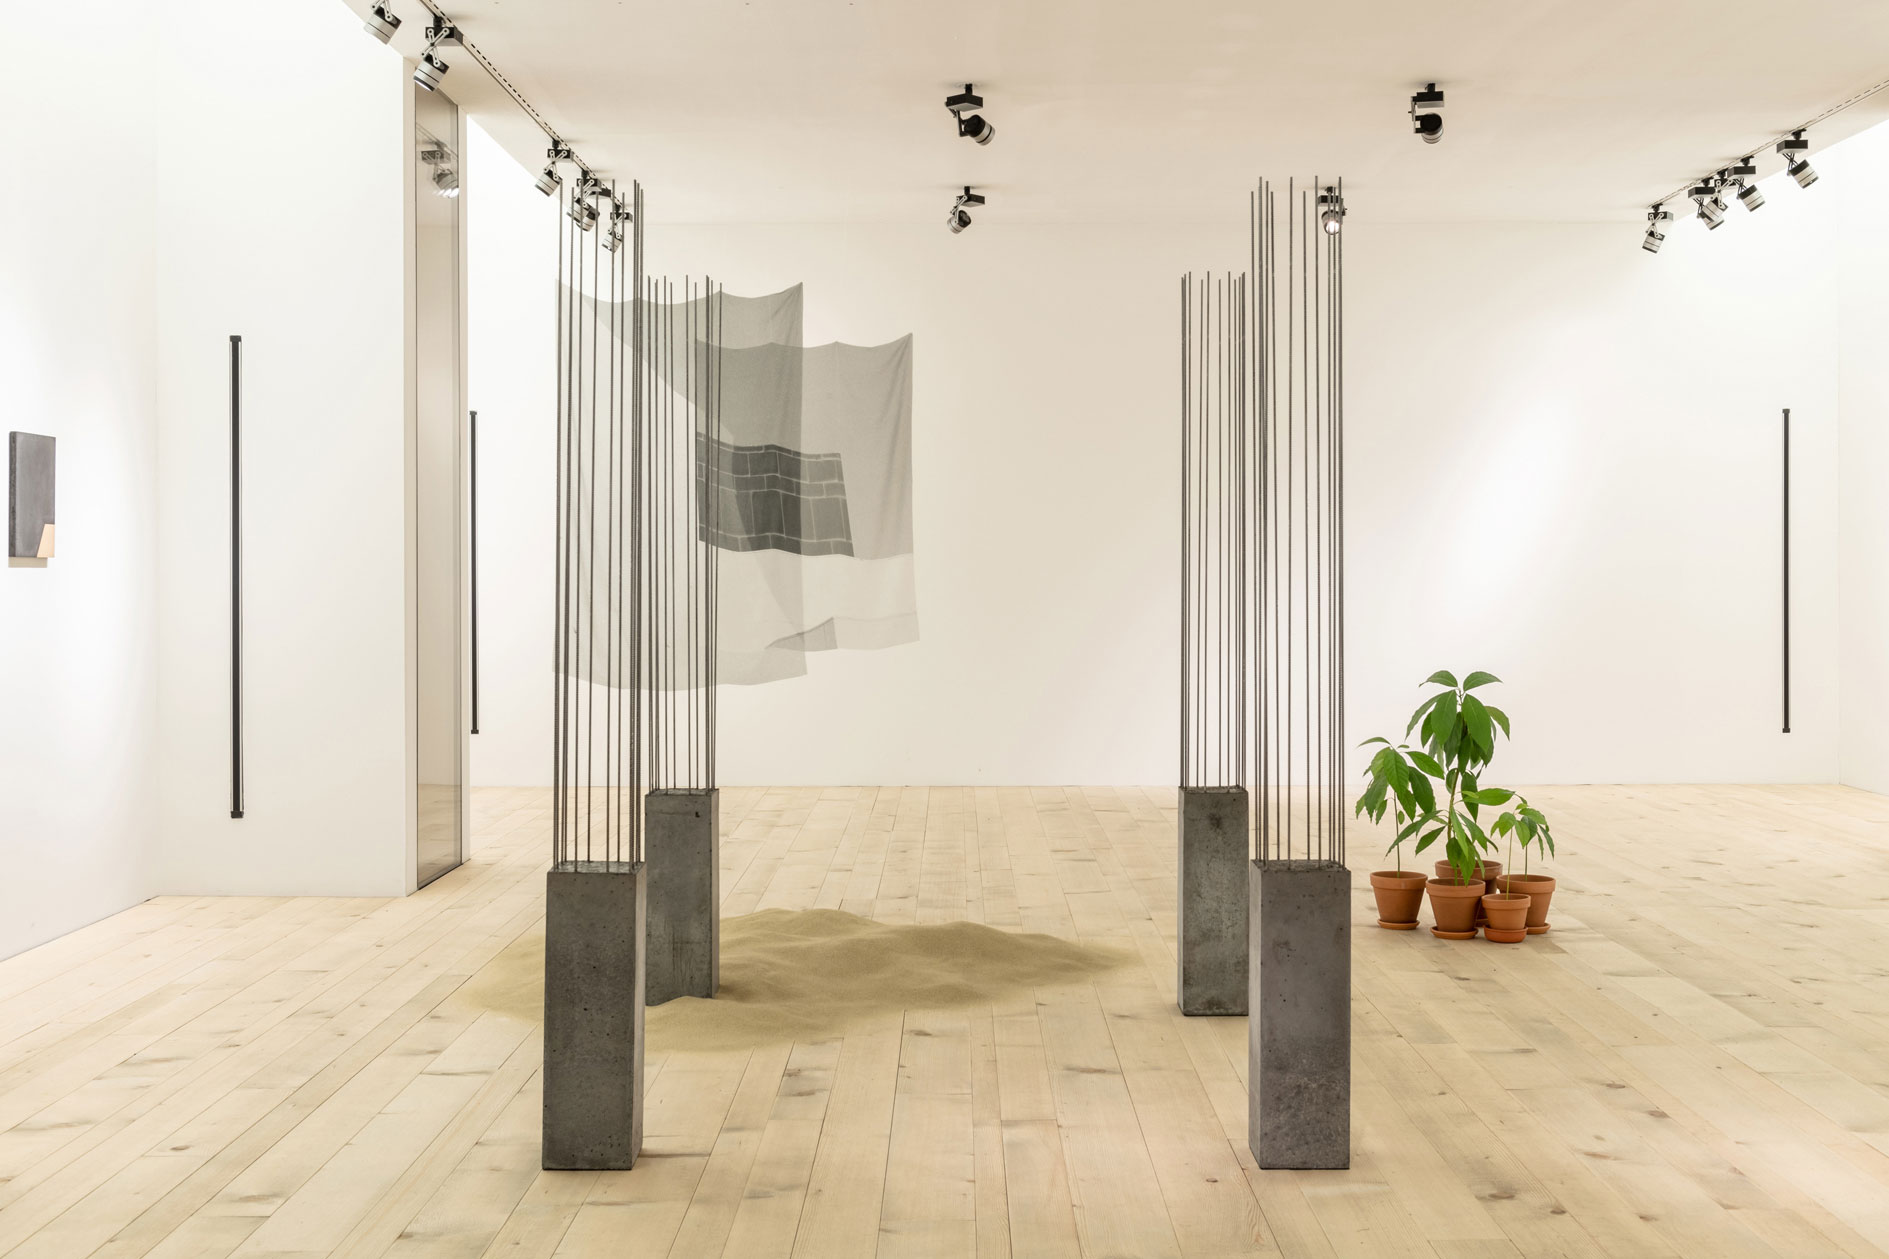 Jerusalem-exhibition-view-1-Luka-Jana-Berchtold-c-Johannes-Fink_zoom